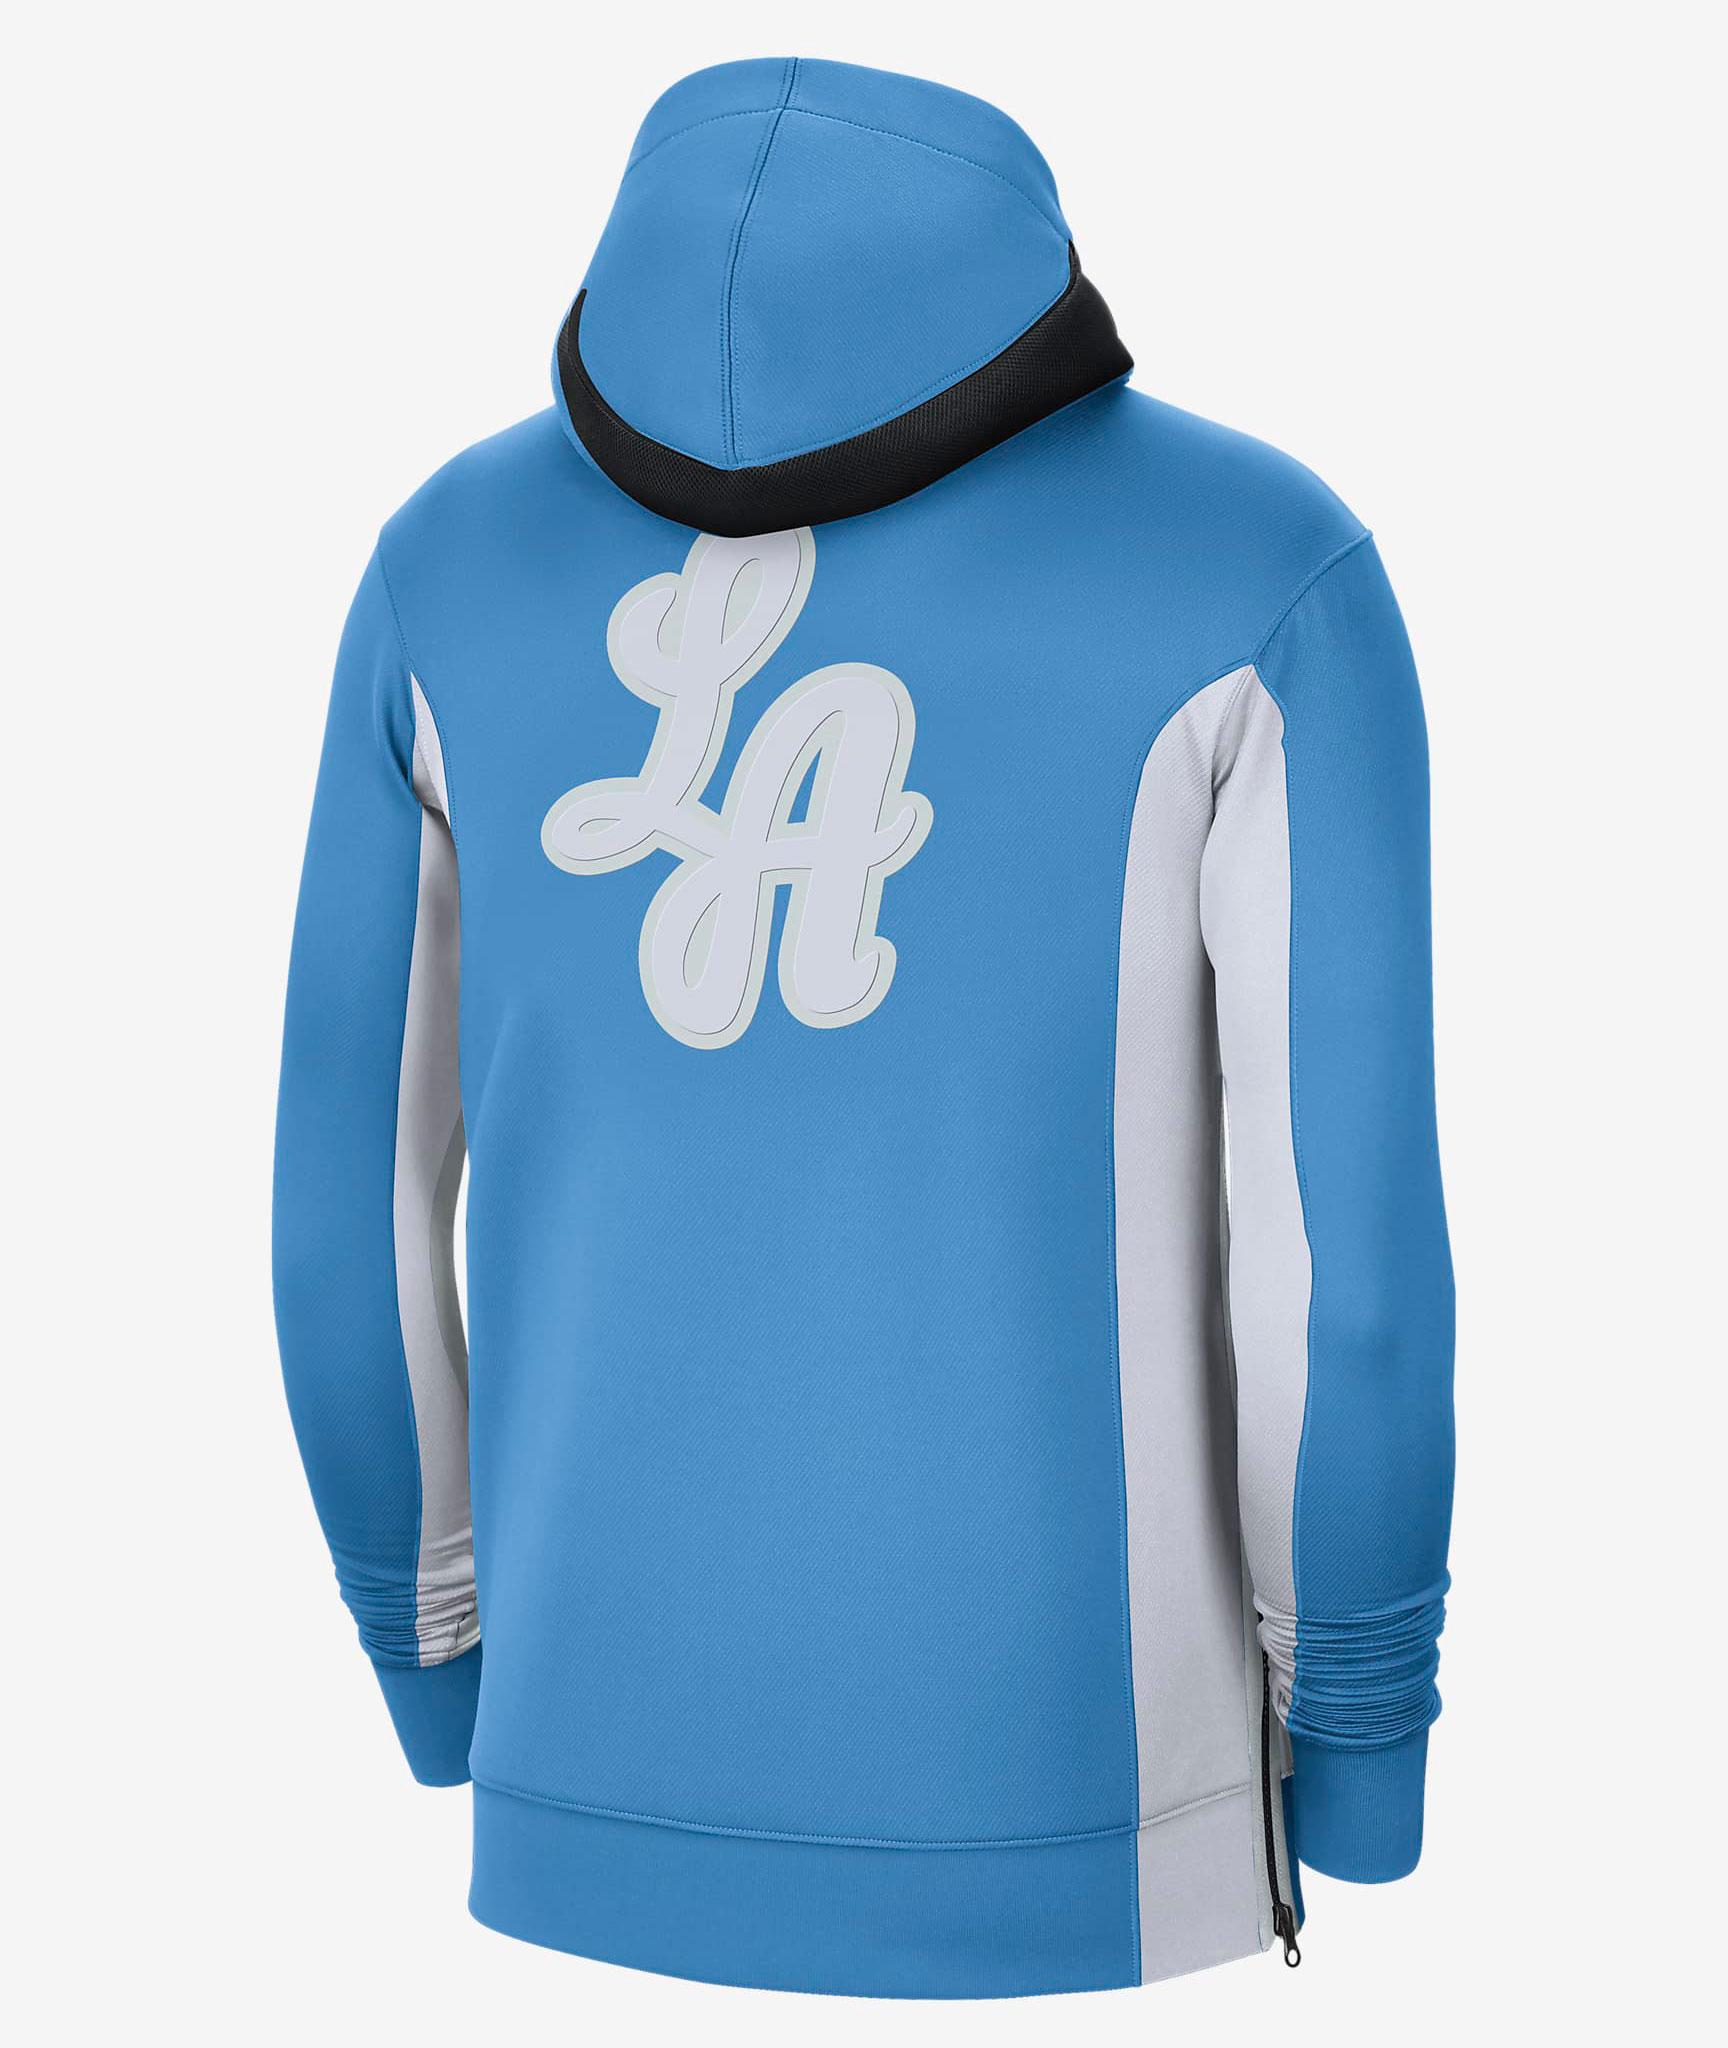 nike-lakers-city-edition-2020-21-zip-hoodie-blue-2